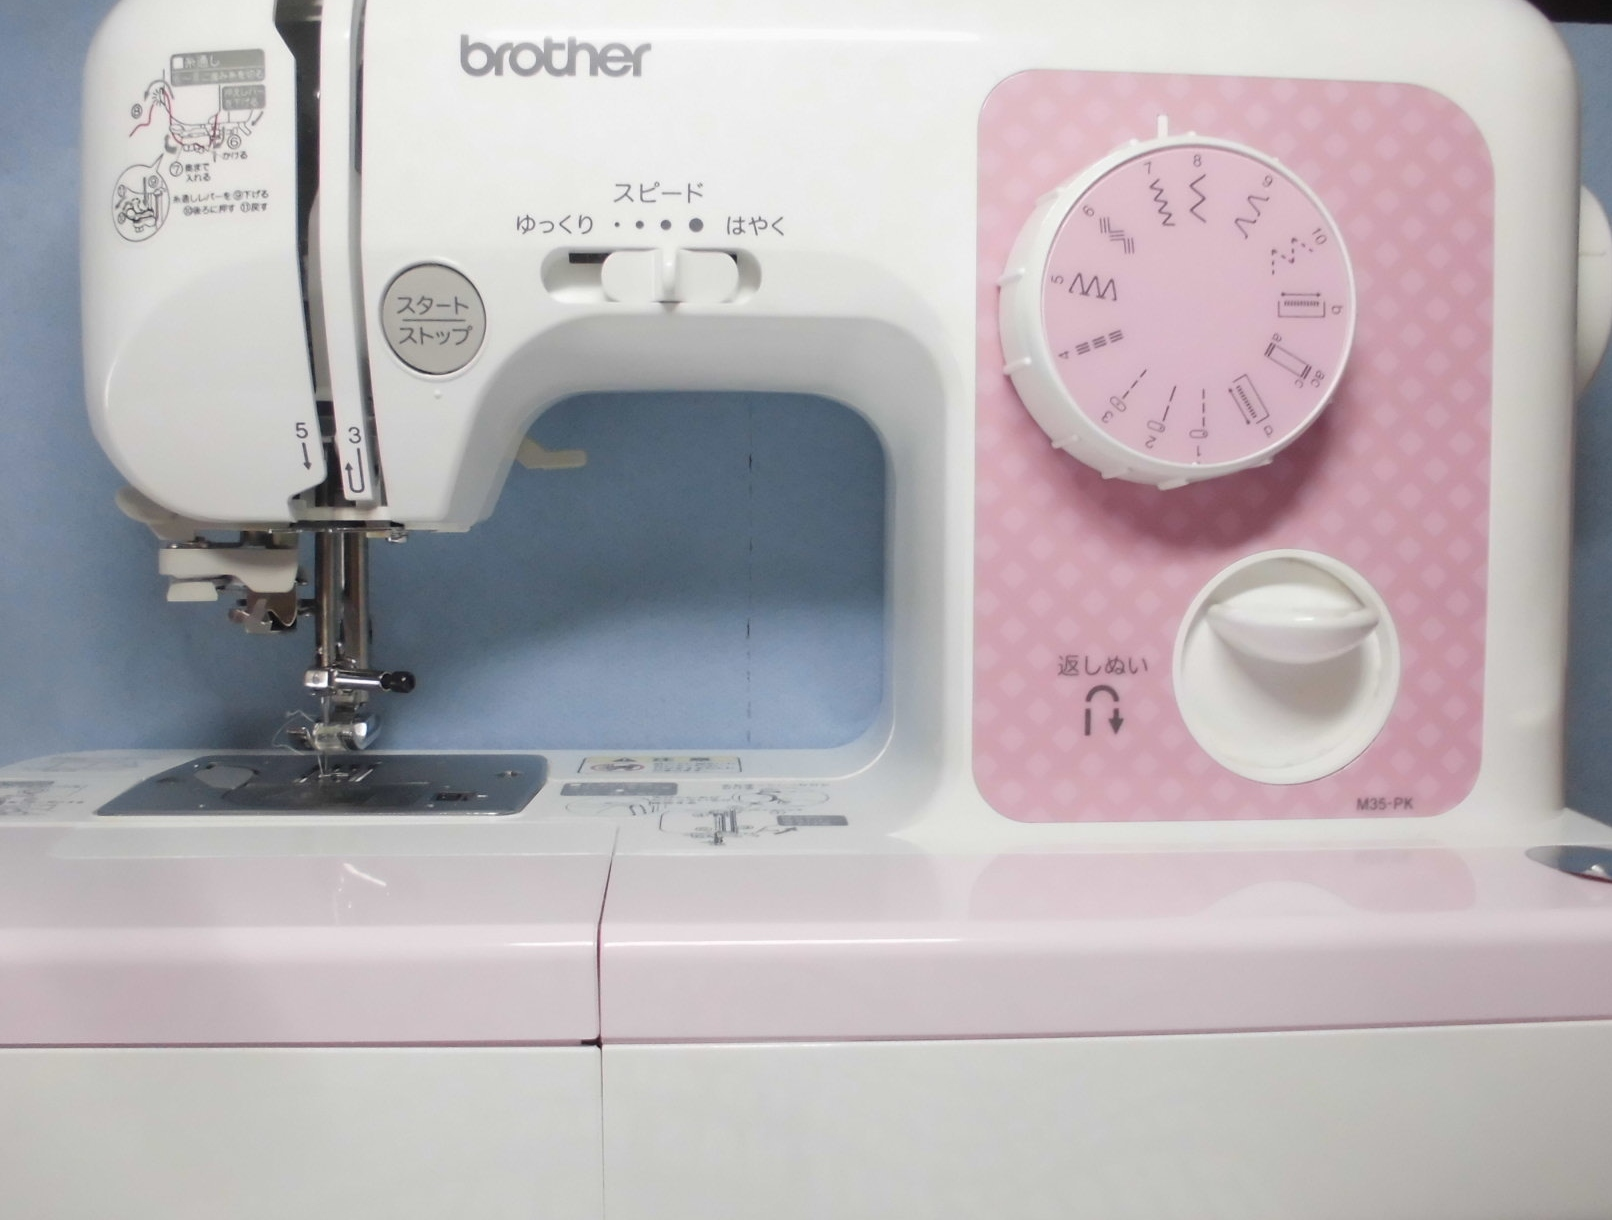 ブラザーミシン修理|ELU52|M35-PK|針棒がグラグラする、針が布に刺さらない、縫えない